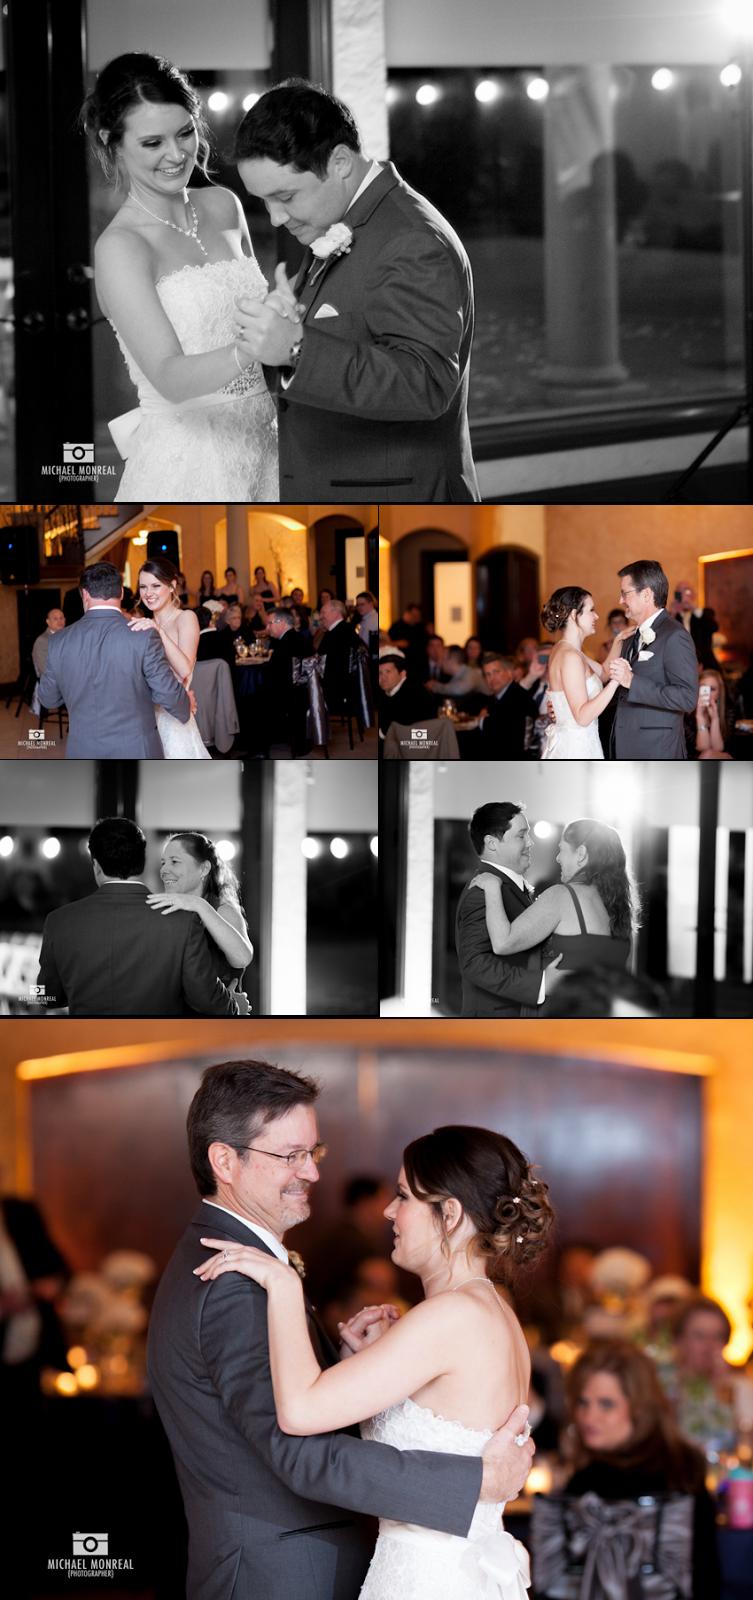 Chris and nina wedding